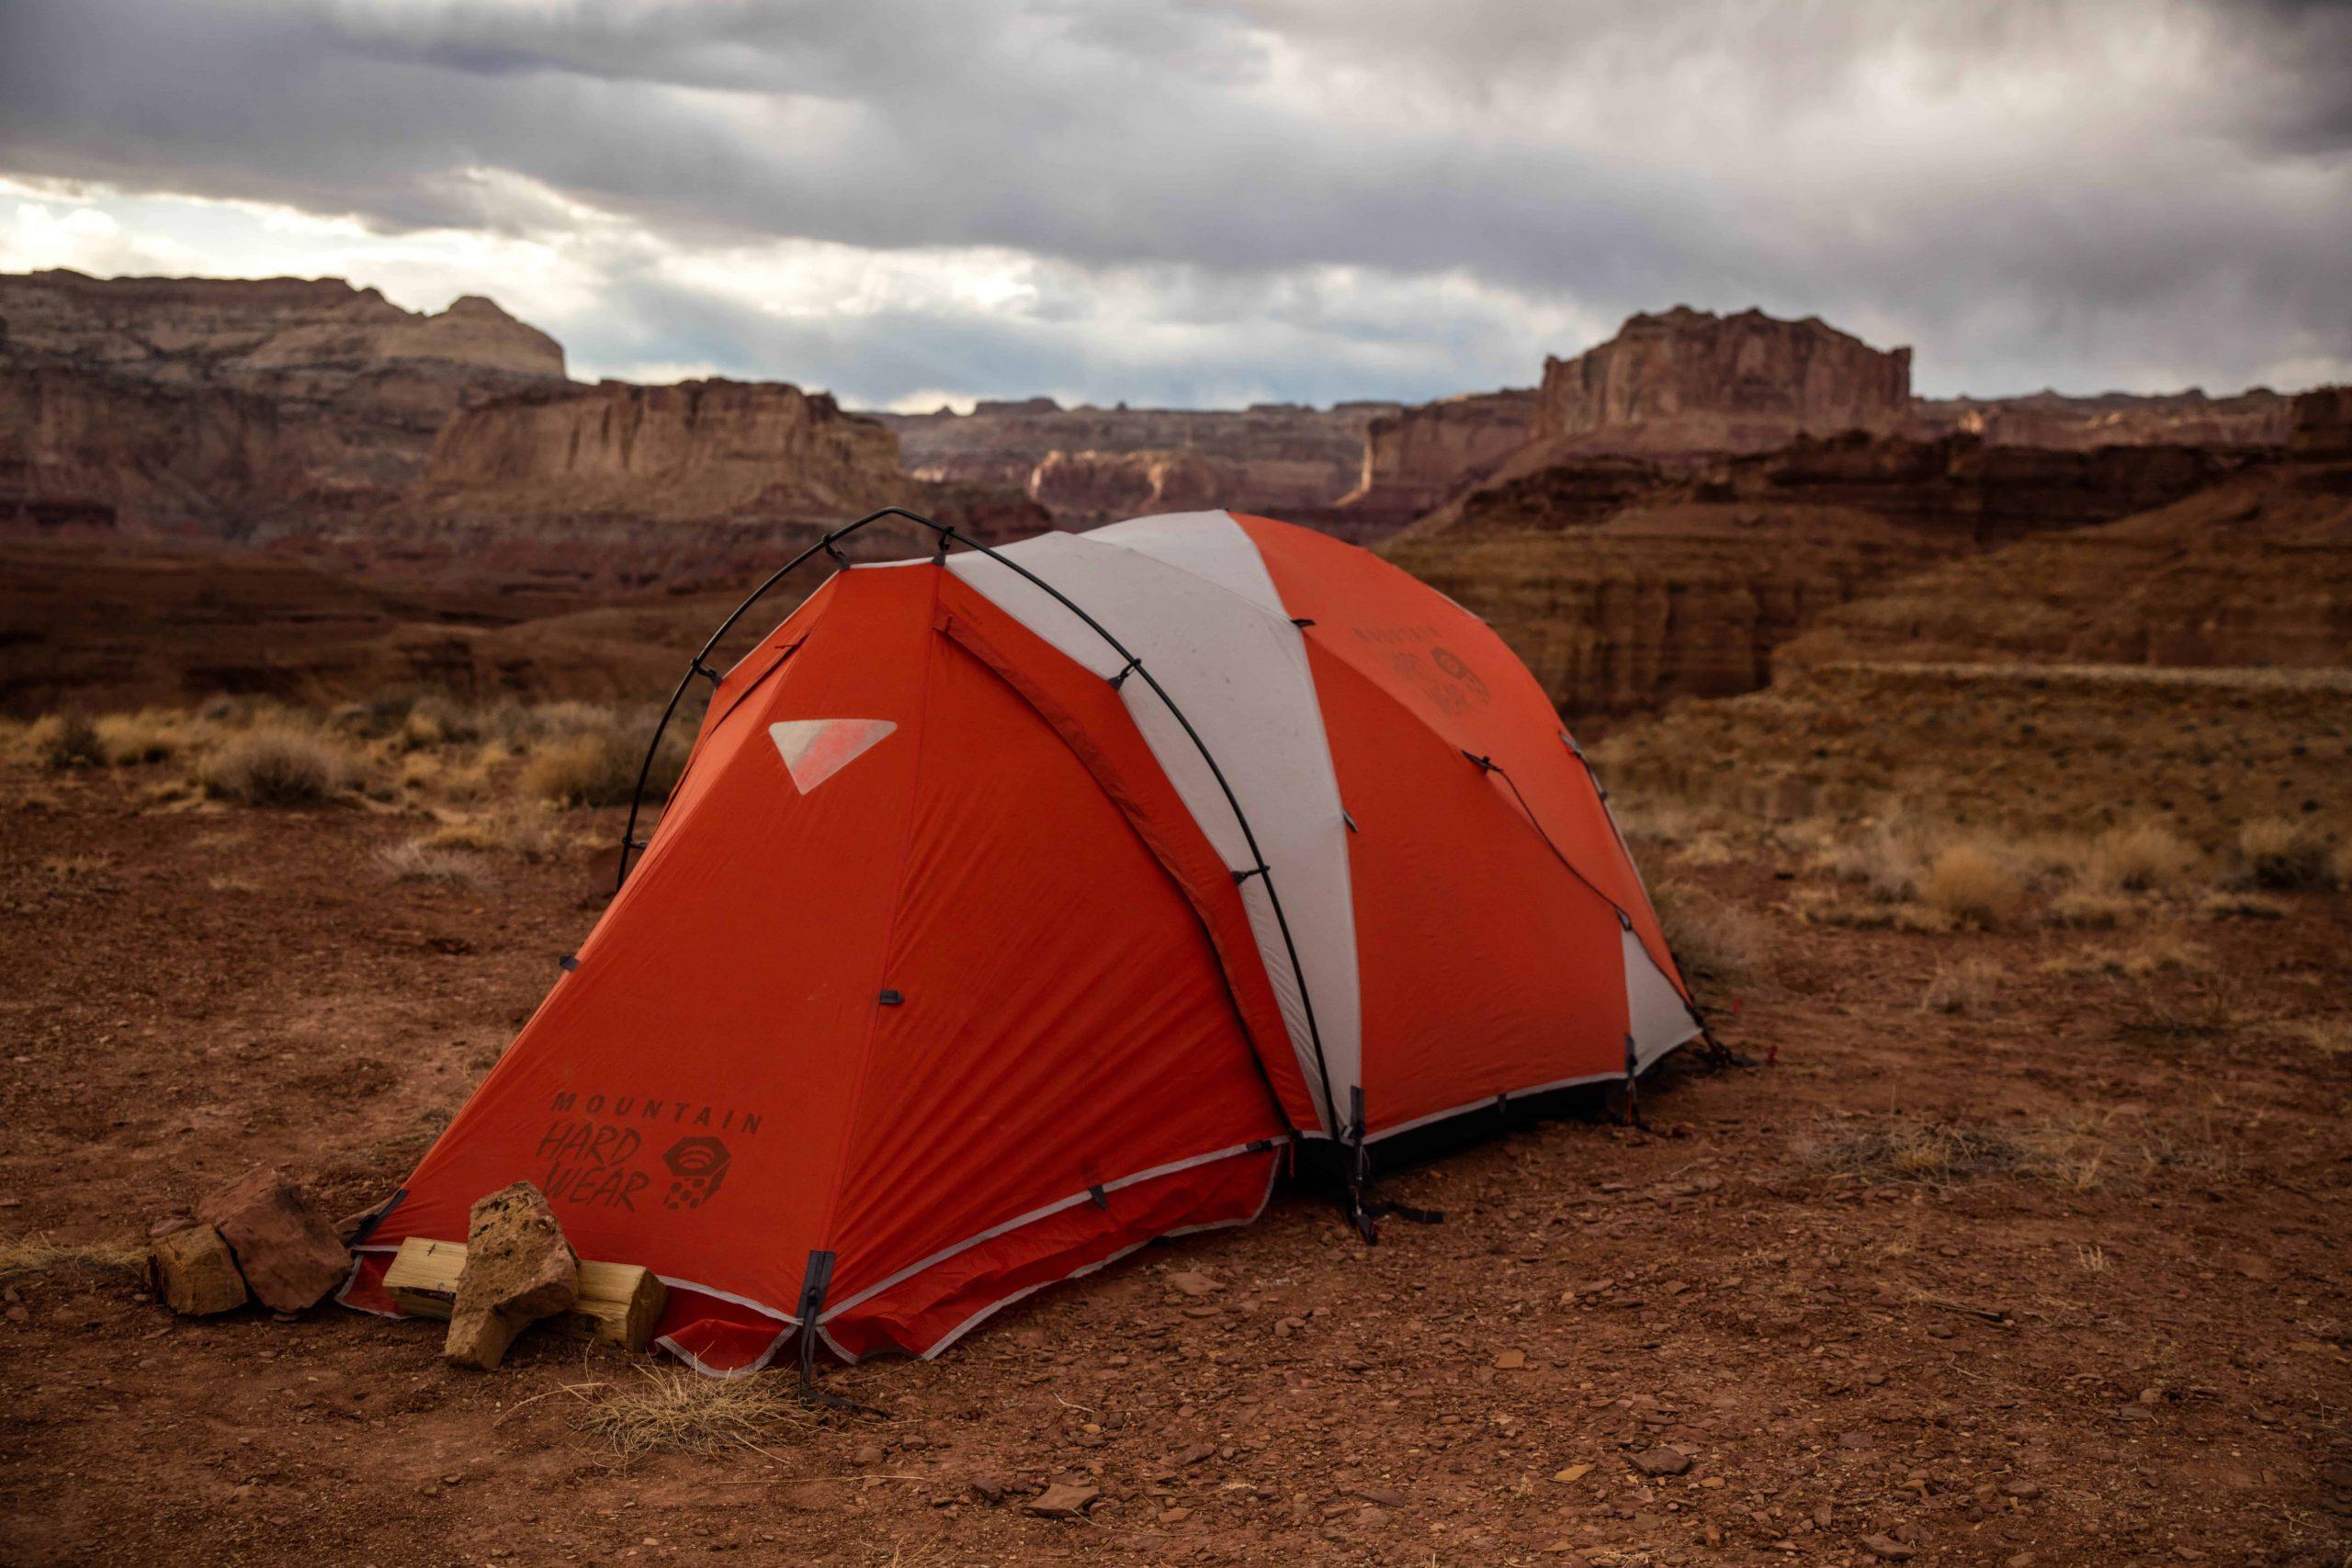 tent in a desert